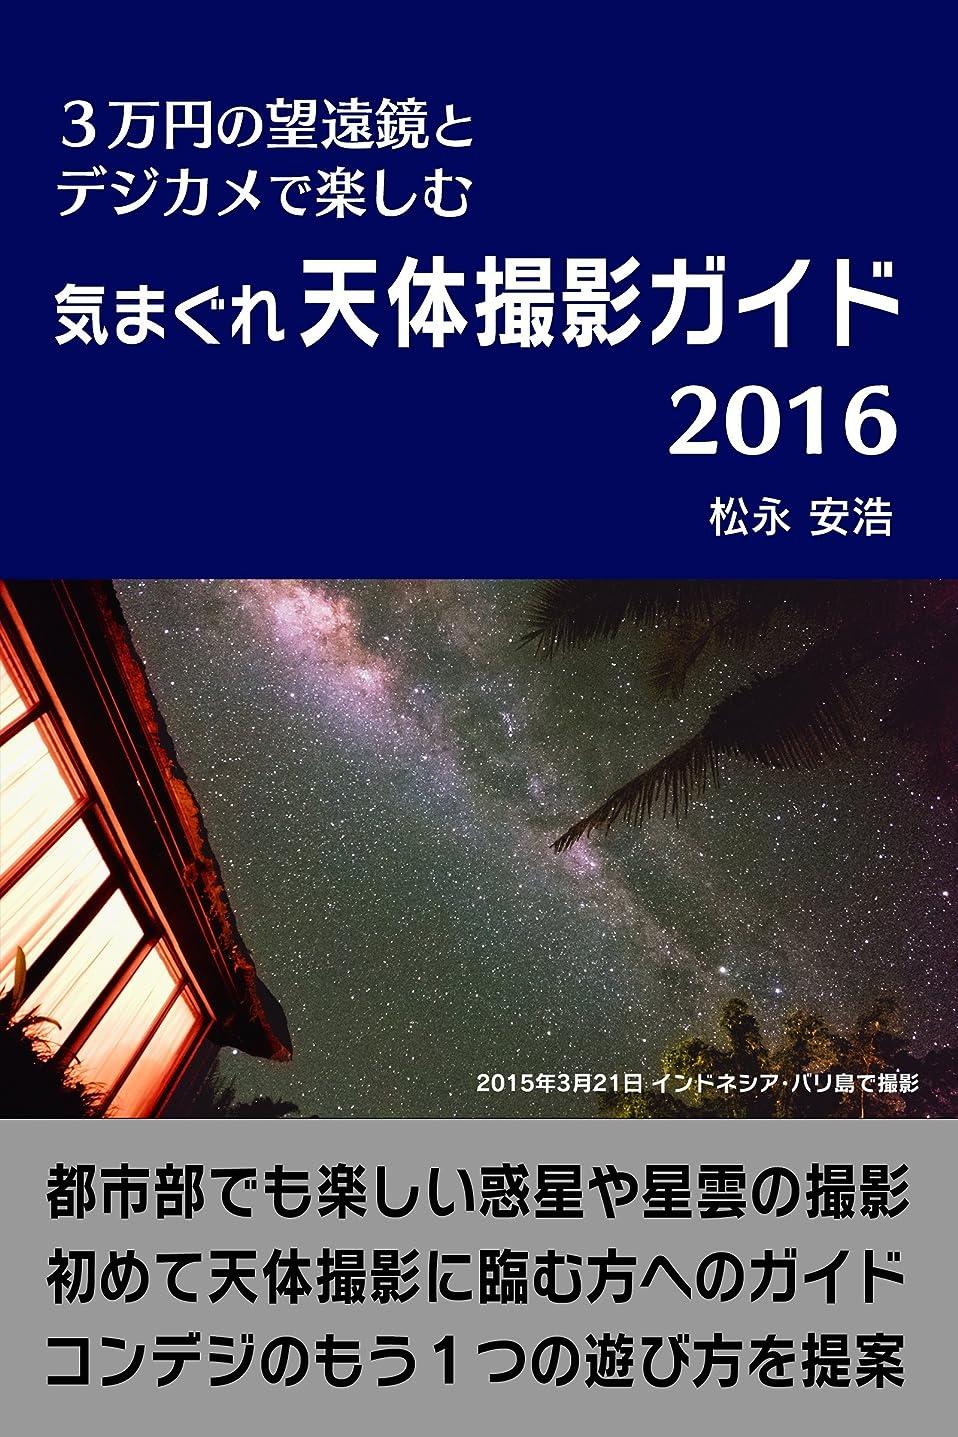 義務づける熱意不完全な3万円の望遠鏡とデジカメで楽しむ 気まぐれ天体撮影ガイド2016